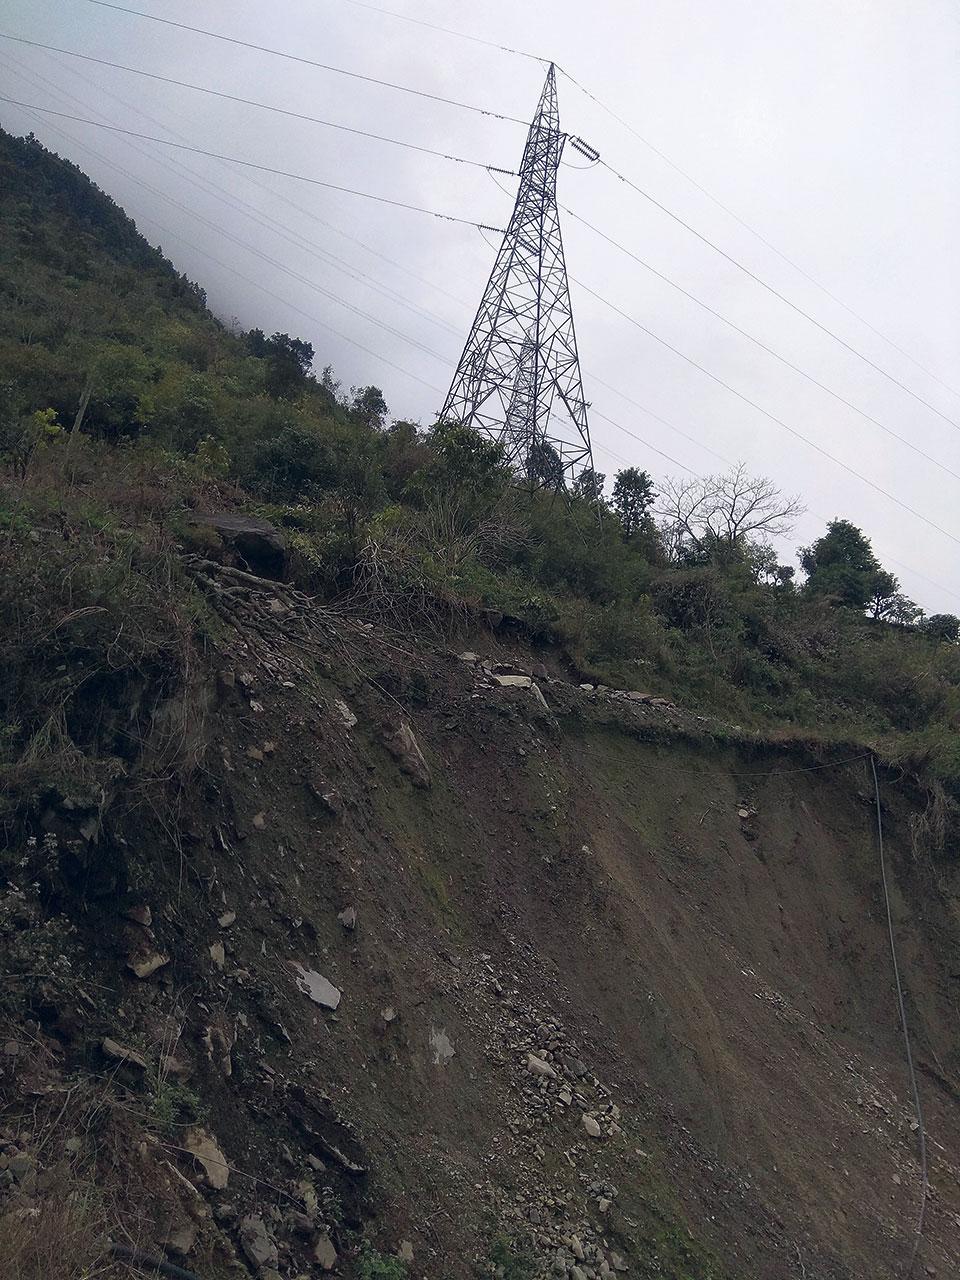 Marsyangdi-Syuchatar transmission line tower faces risk of landslide